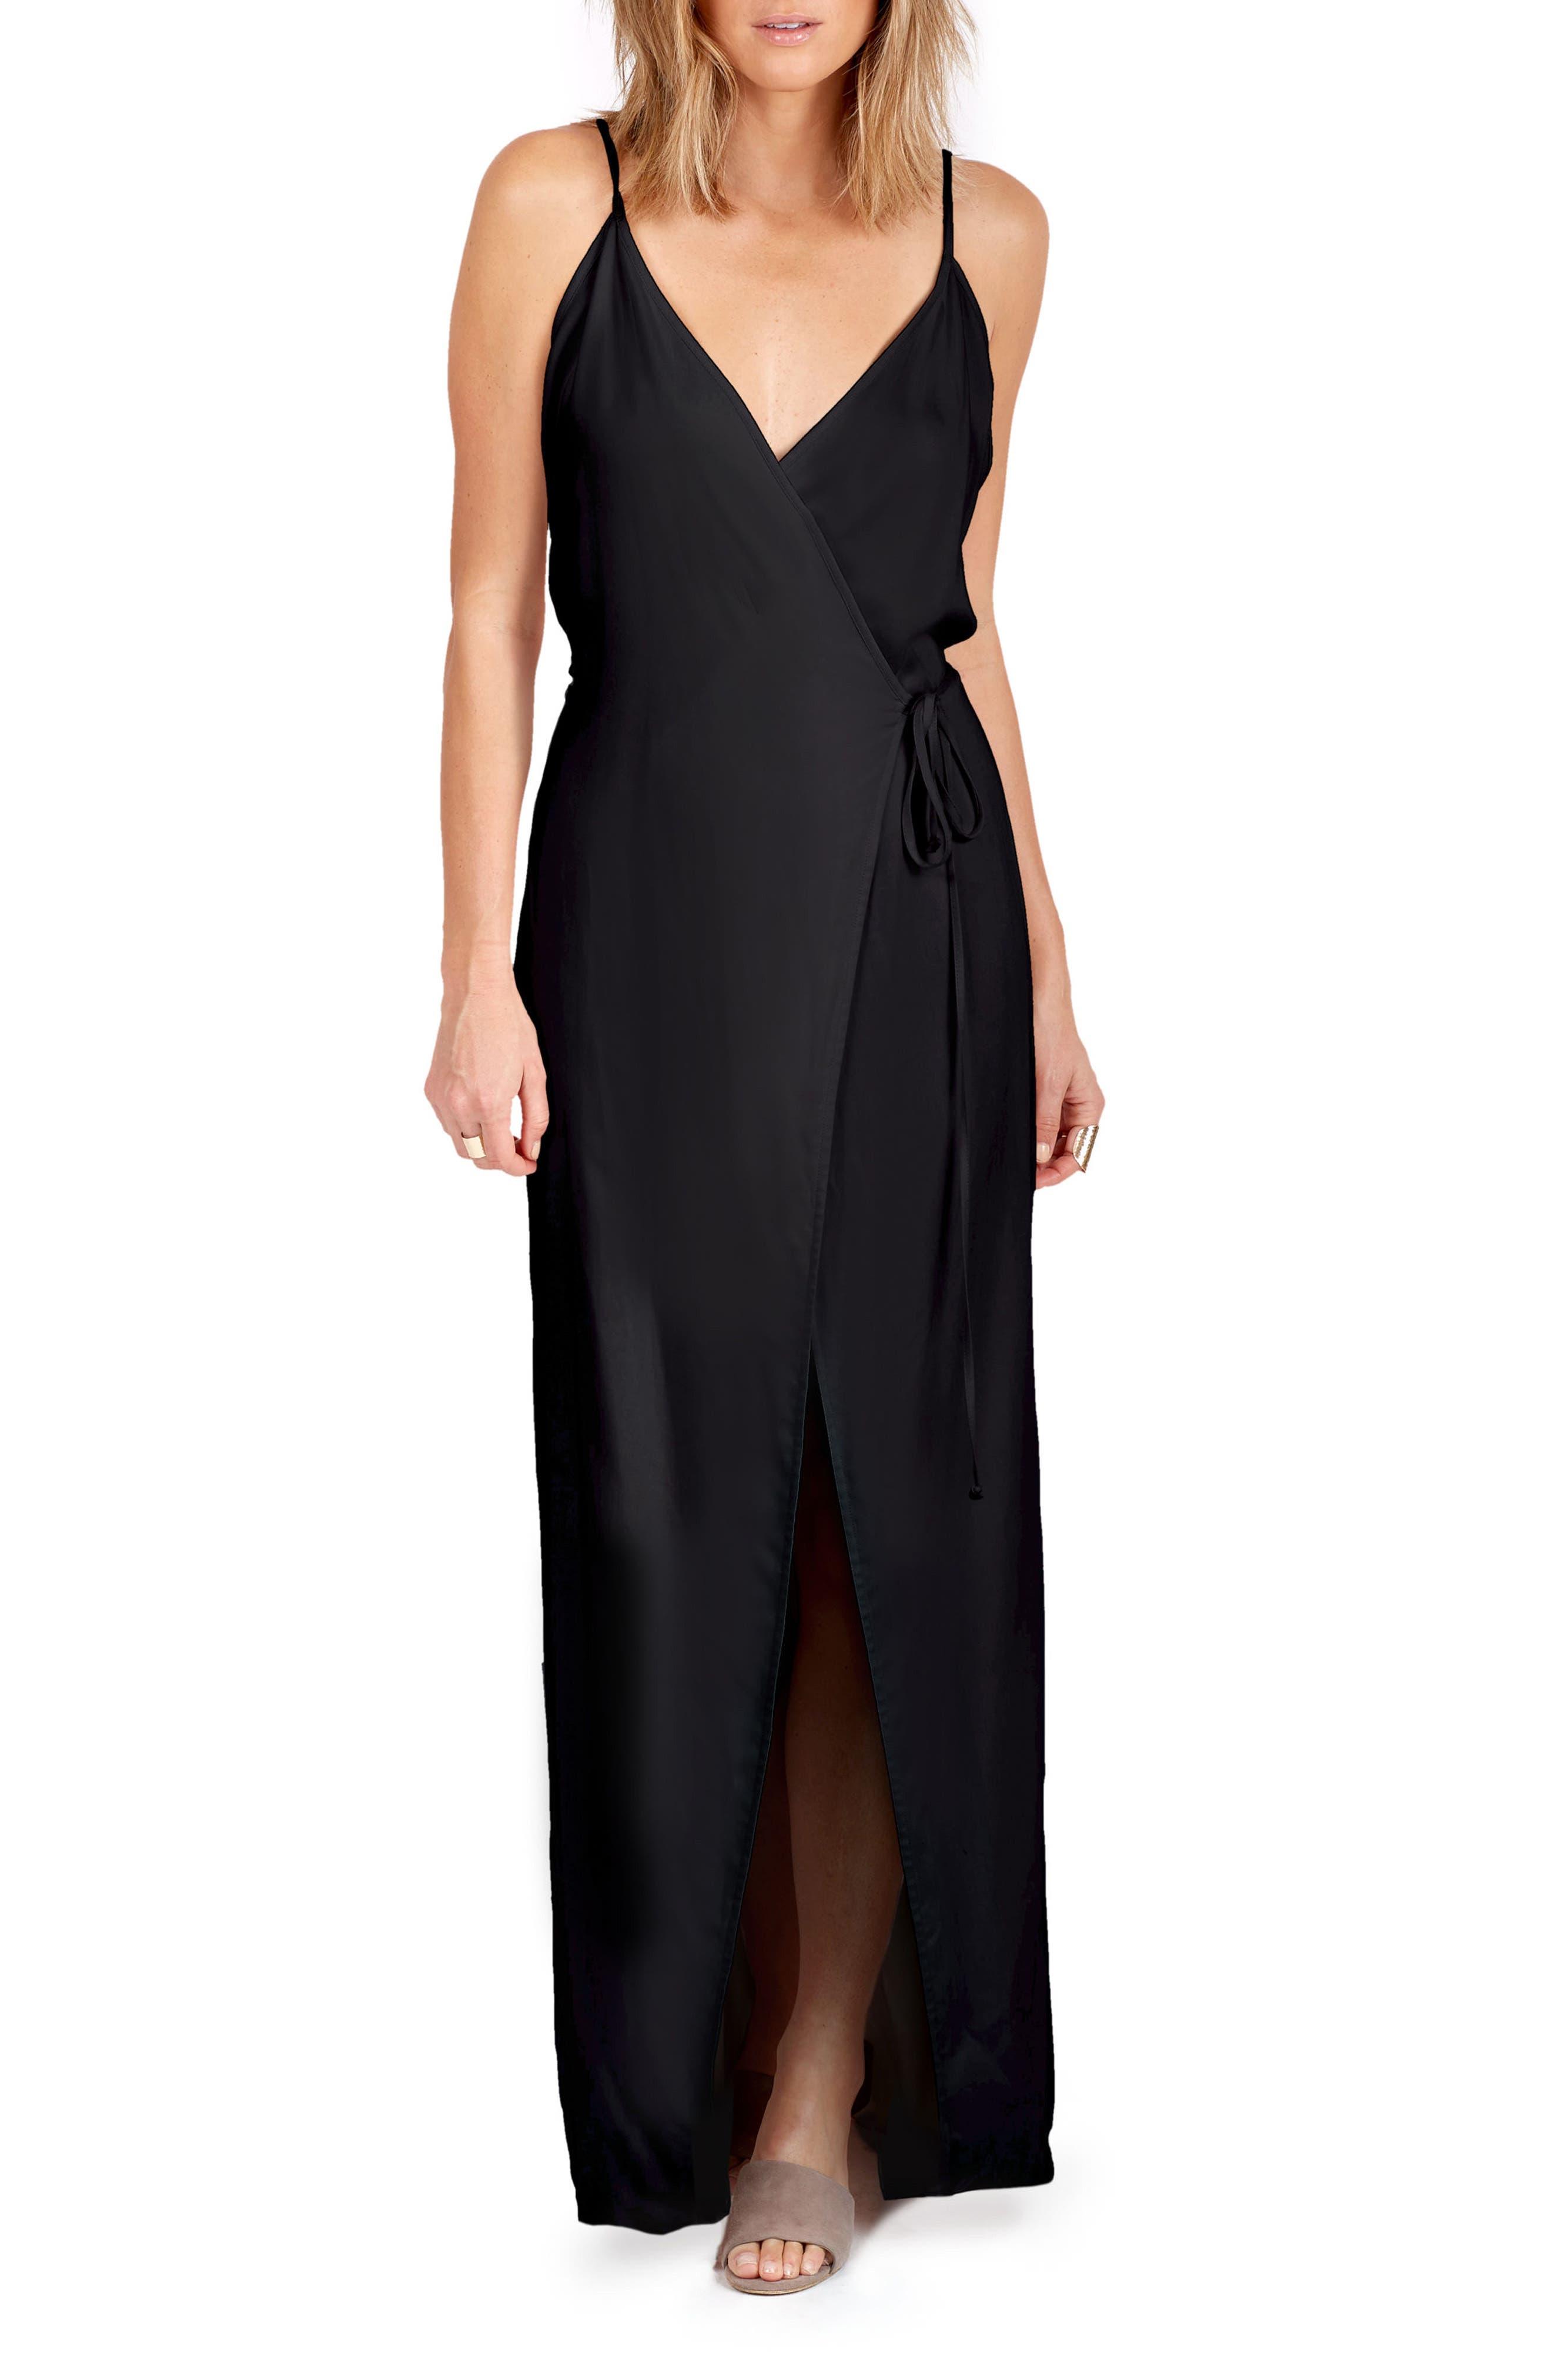 Leo Wrap Maxi Dress,                         Main,                         color, Black Solid